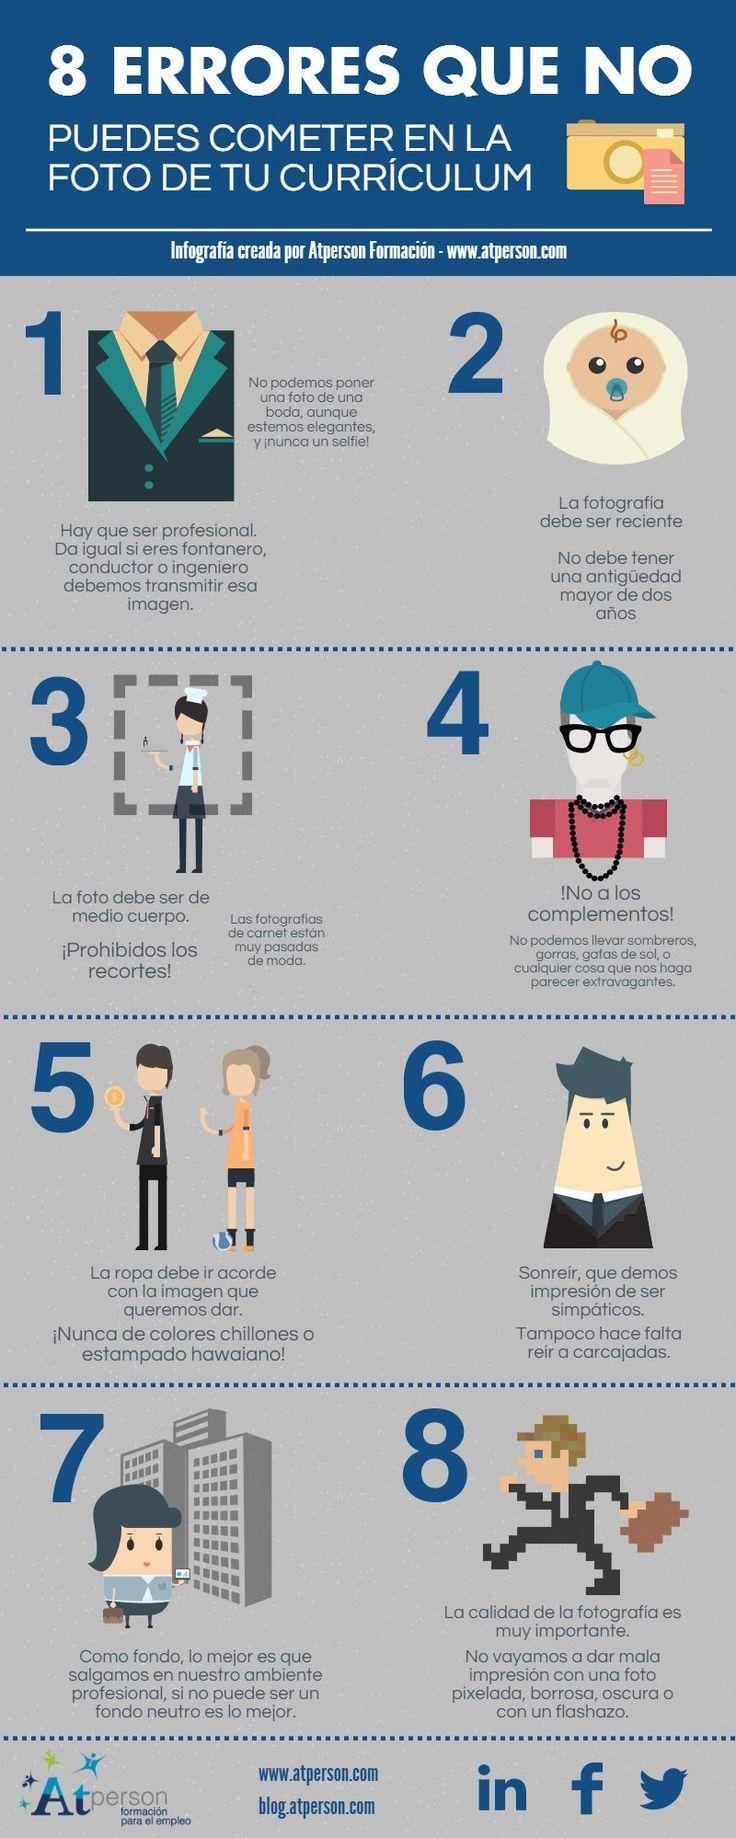 Los 8 errores que se deben evitar en la foto del Currículum para tener más posibilidades de conseguir un empleo. Los pequeños detalles importan.